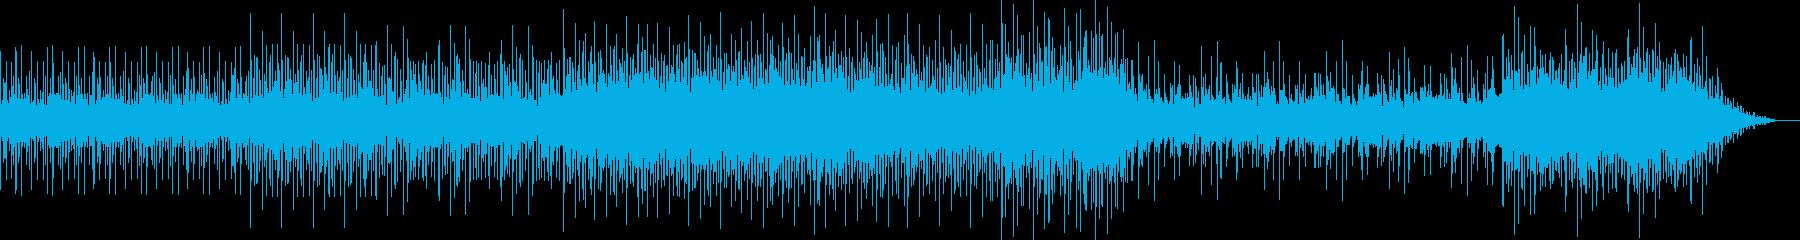 クールでアップテンポなポップスの再生済みの波形